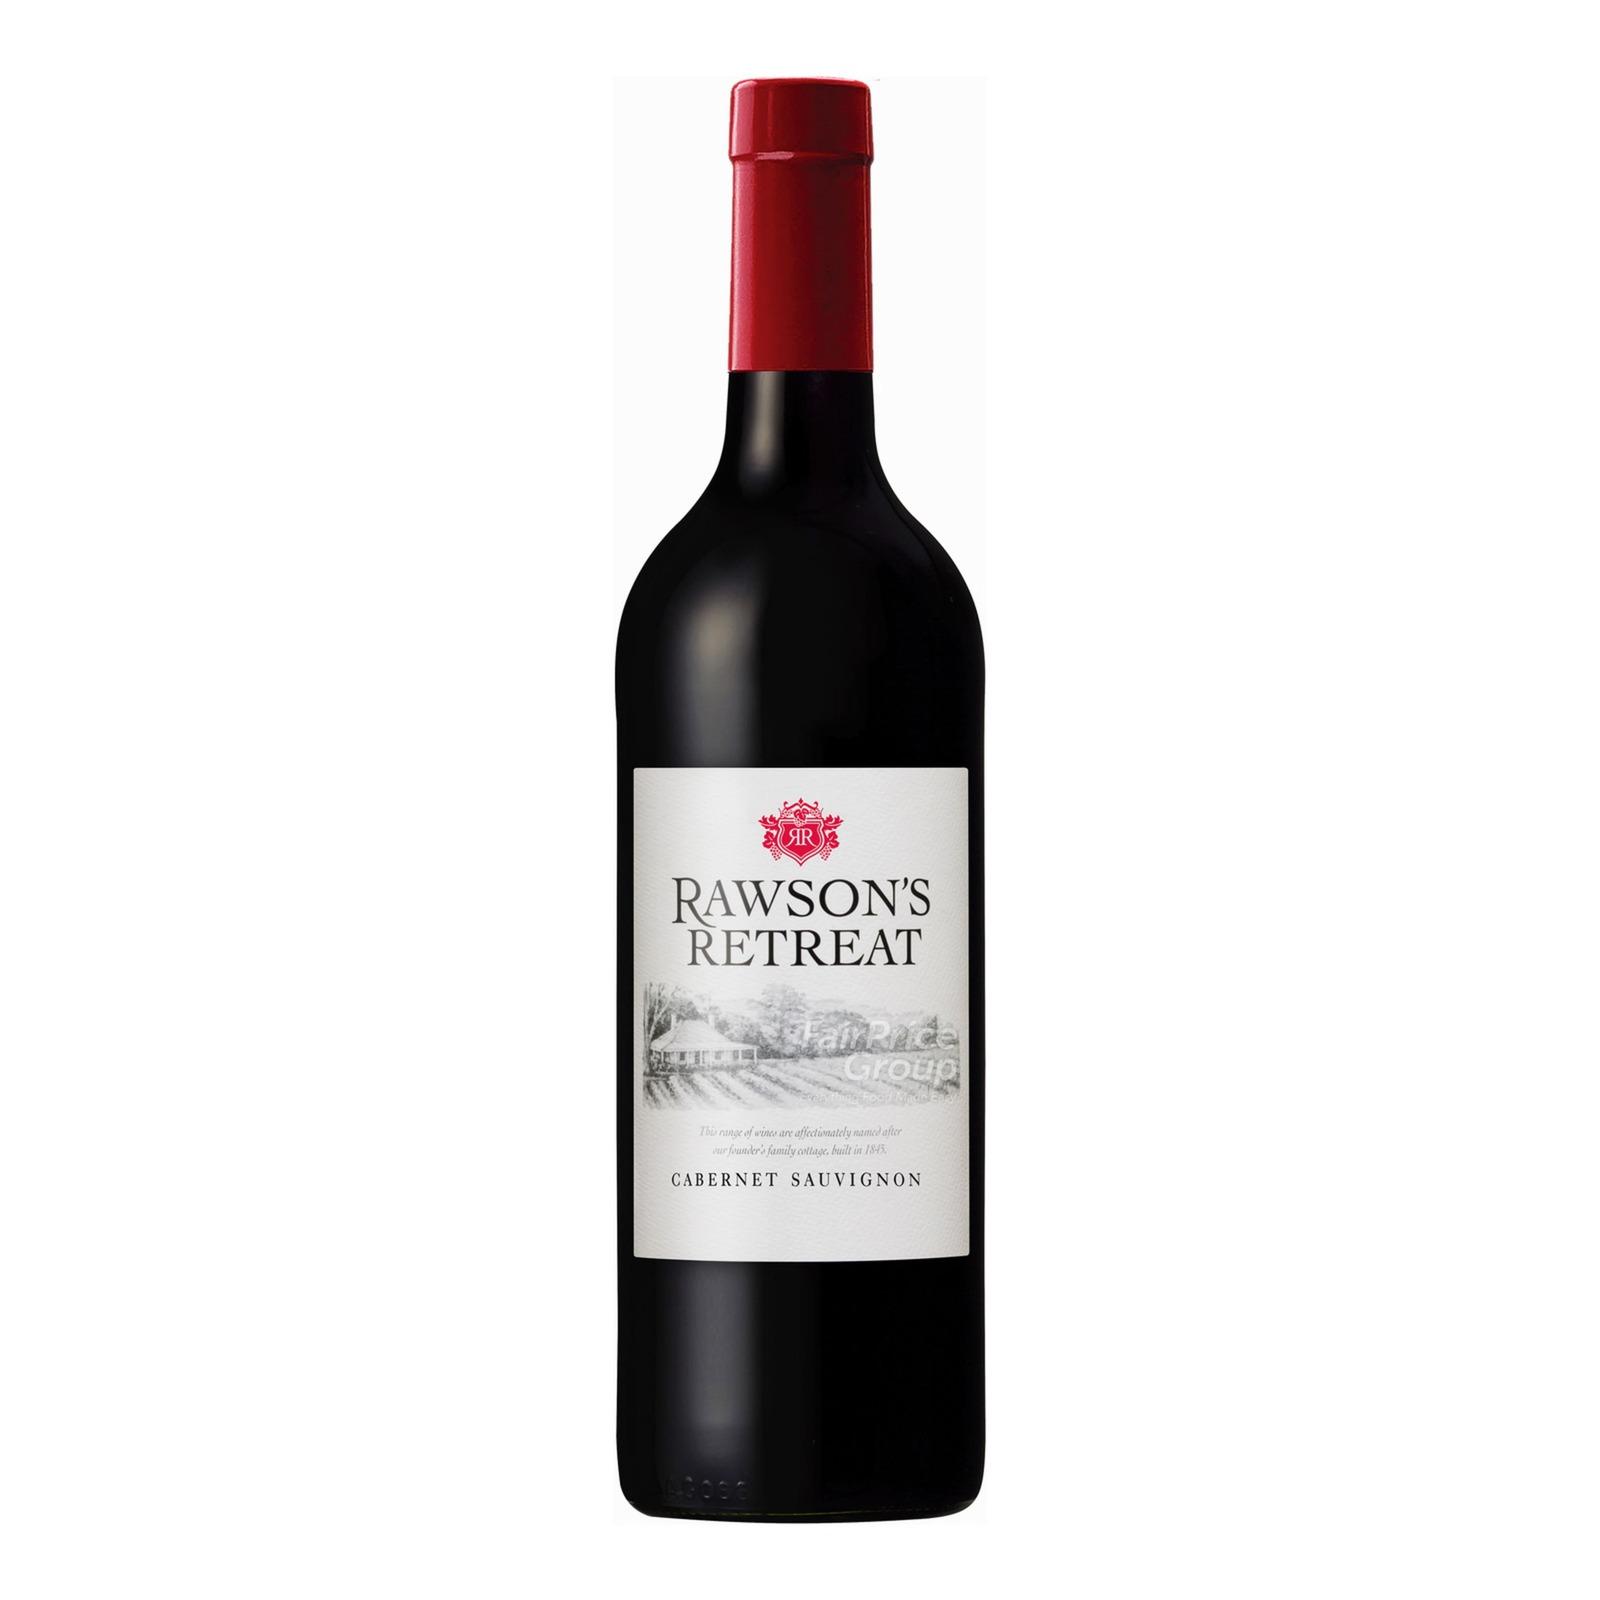 Rawson's Retreat Red Wine - Cabernet Sauvignon